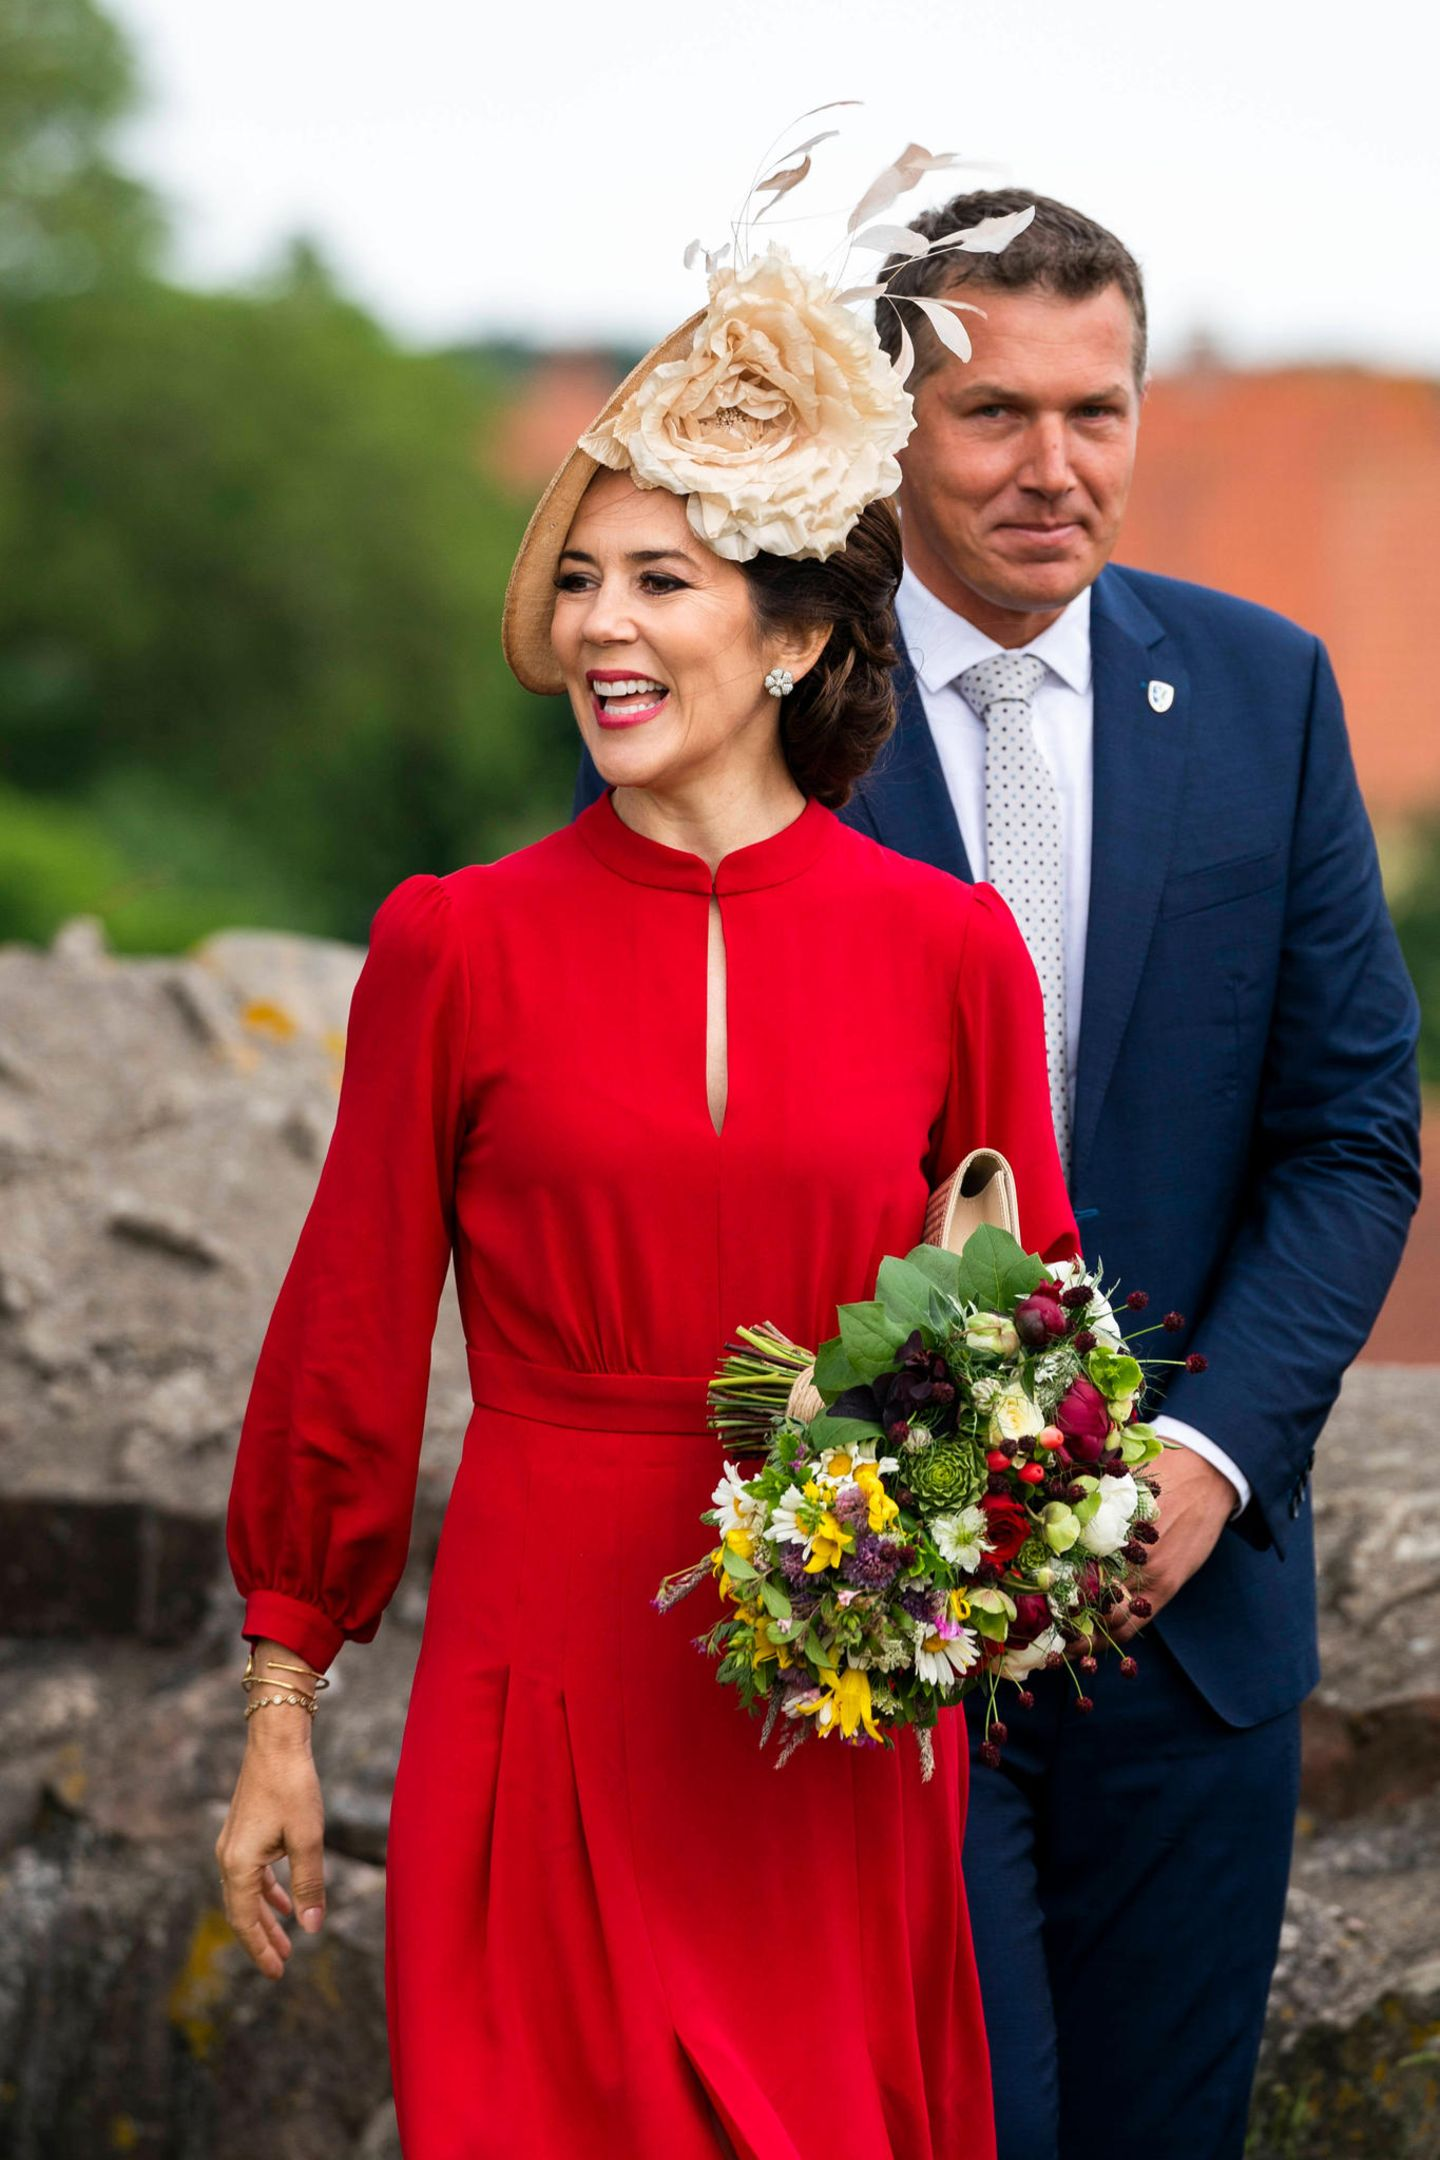 Zu ihren Pumps in Nationalfarben kombiniert Prinzessin Mary einrotesSeidenkleid von Designerin Raquel Diniz für rund 700 Euro, das sie bereits im August 2018 ausführt. Ein beigefarbener Hut mit einer großen Blüte ziert den Kopf der 47-Jährigen und macht ihren Look perfekt.